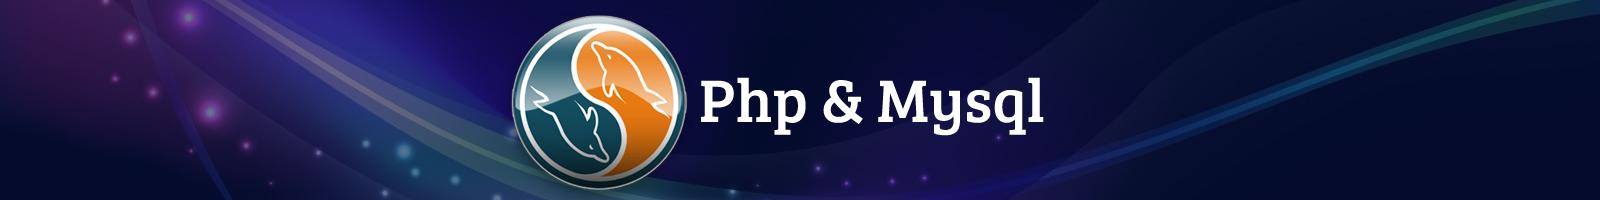 Php-&-Mysql